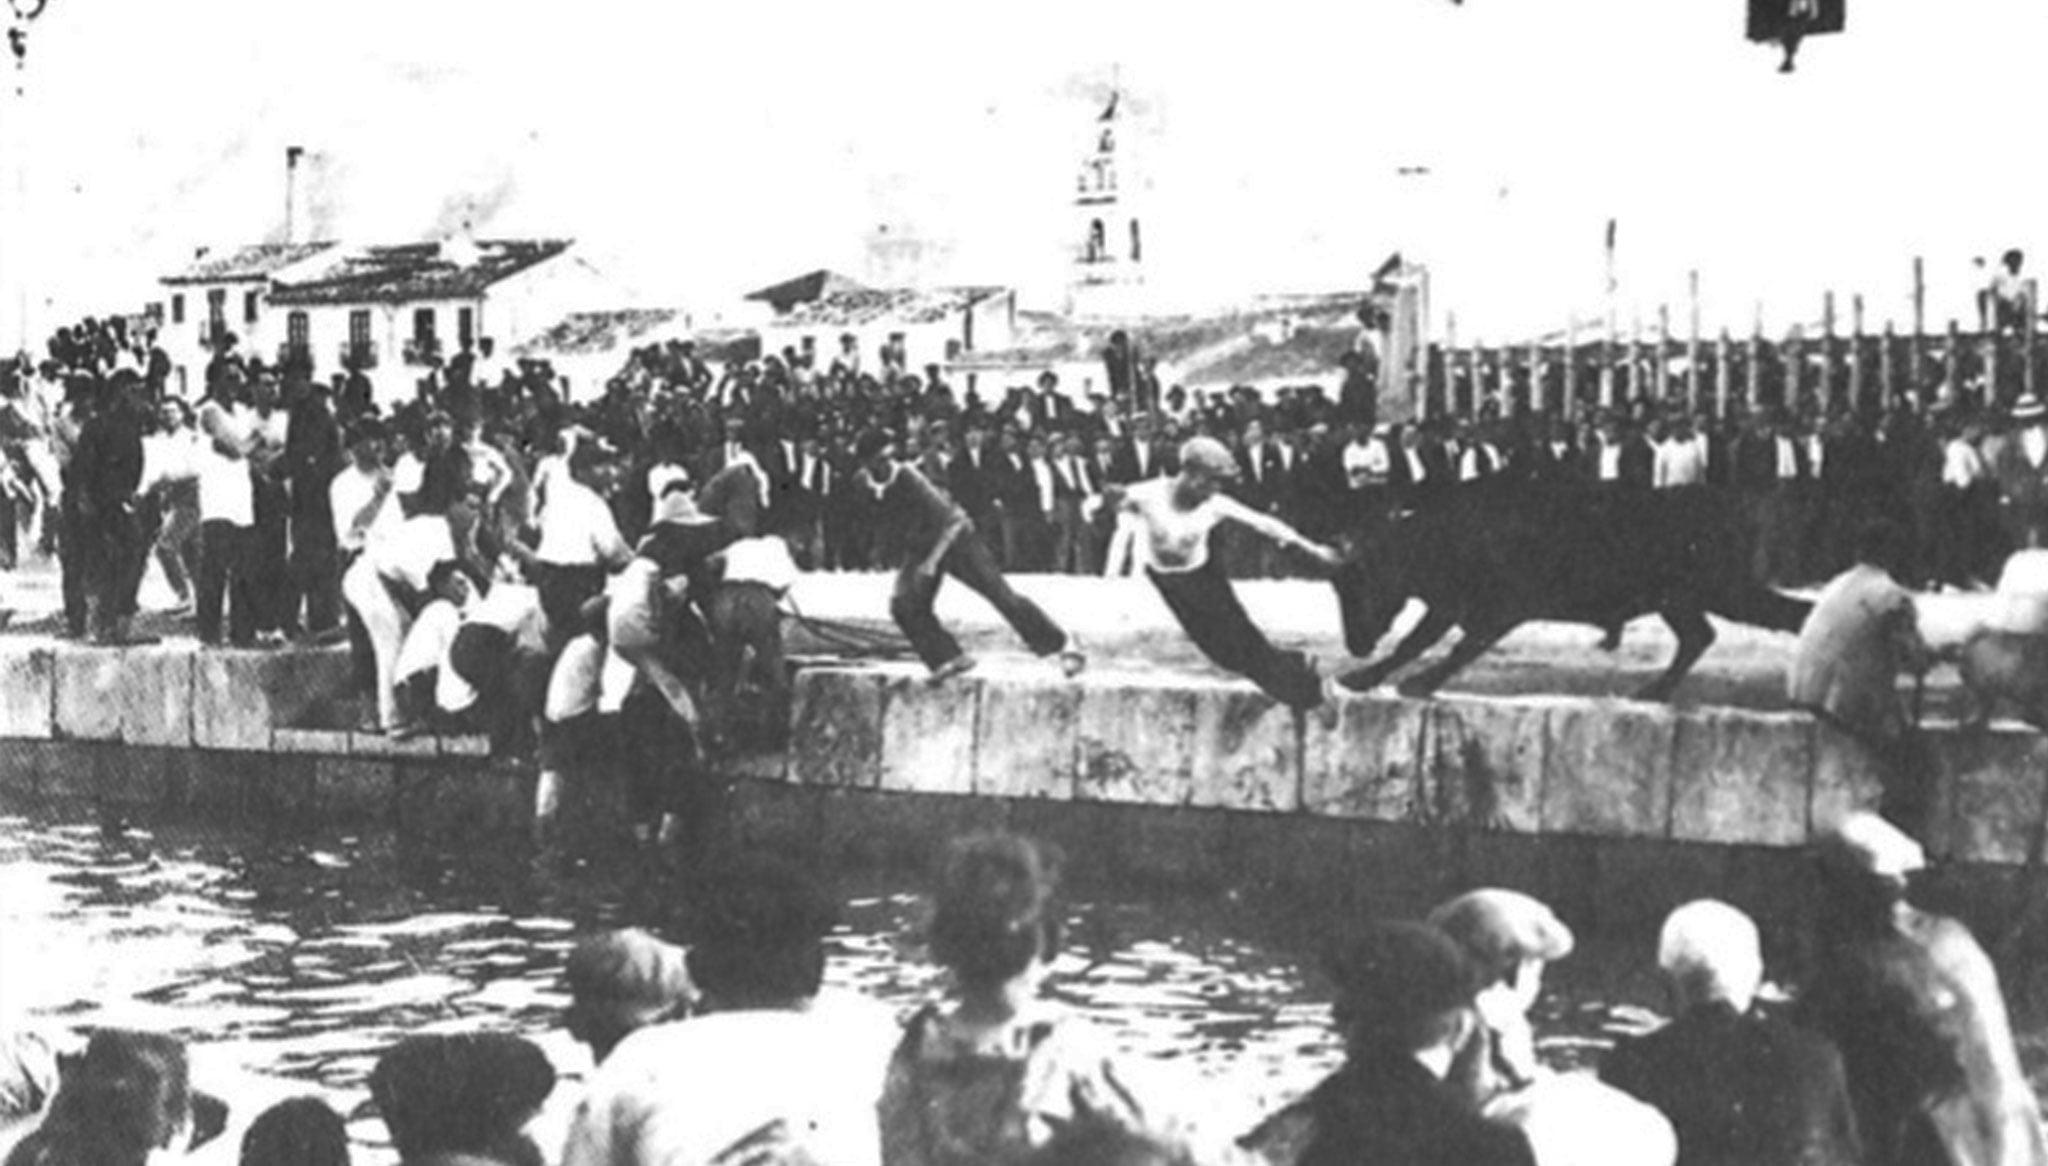 """Bous a la mar en los años 20. Fotografía procedente del artículo de Vicent Balaguer """"La festa del 1901 al 1975"""" (Arxiu Municipal)"""